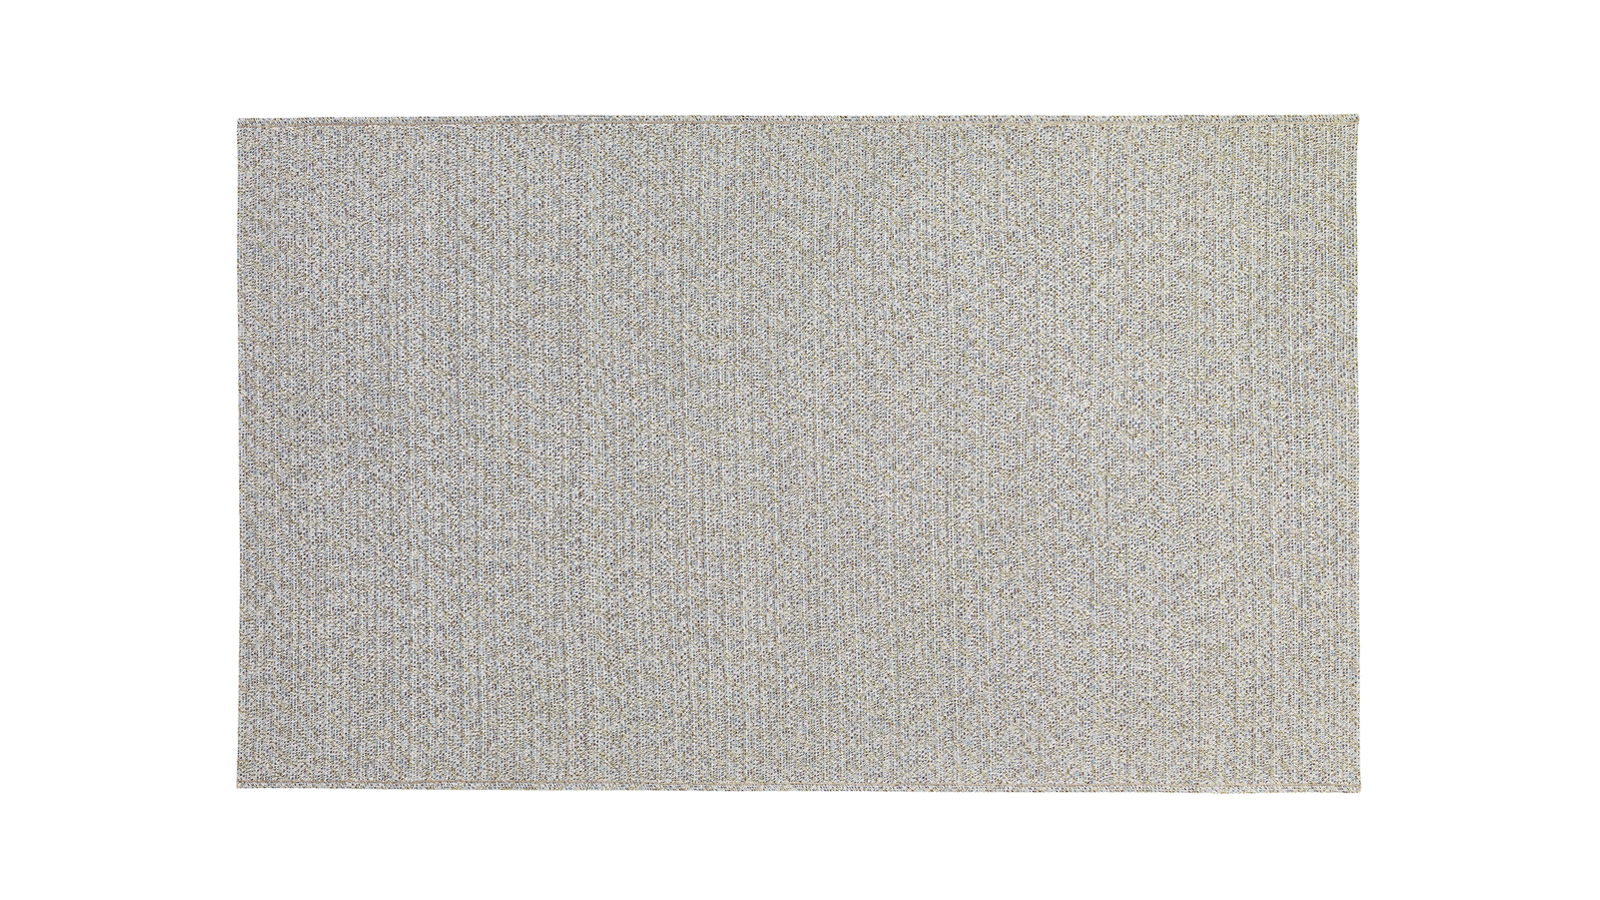 A 100% poliolefin Kaleidos szőnyegek ellenállnak a természet viszontagságainak és gond nélkül szellőznek, így könnyen megbirkóznak a szagokkal. Ez teszi tökéletes választássá őket, ha kültéri kiegészítőben gondolkodik! Több méretben, sőt méretre vágva is kaphatók.